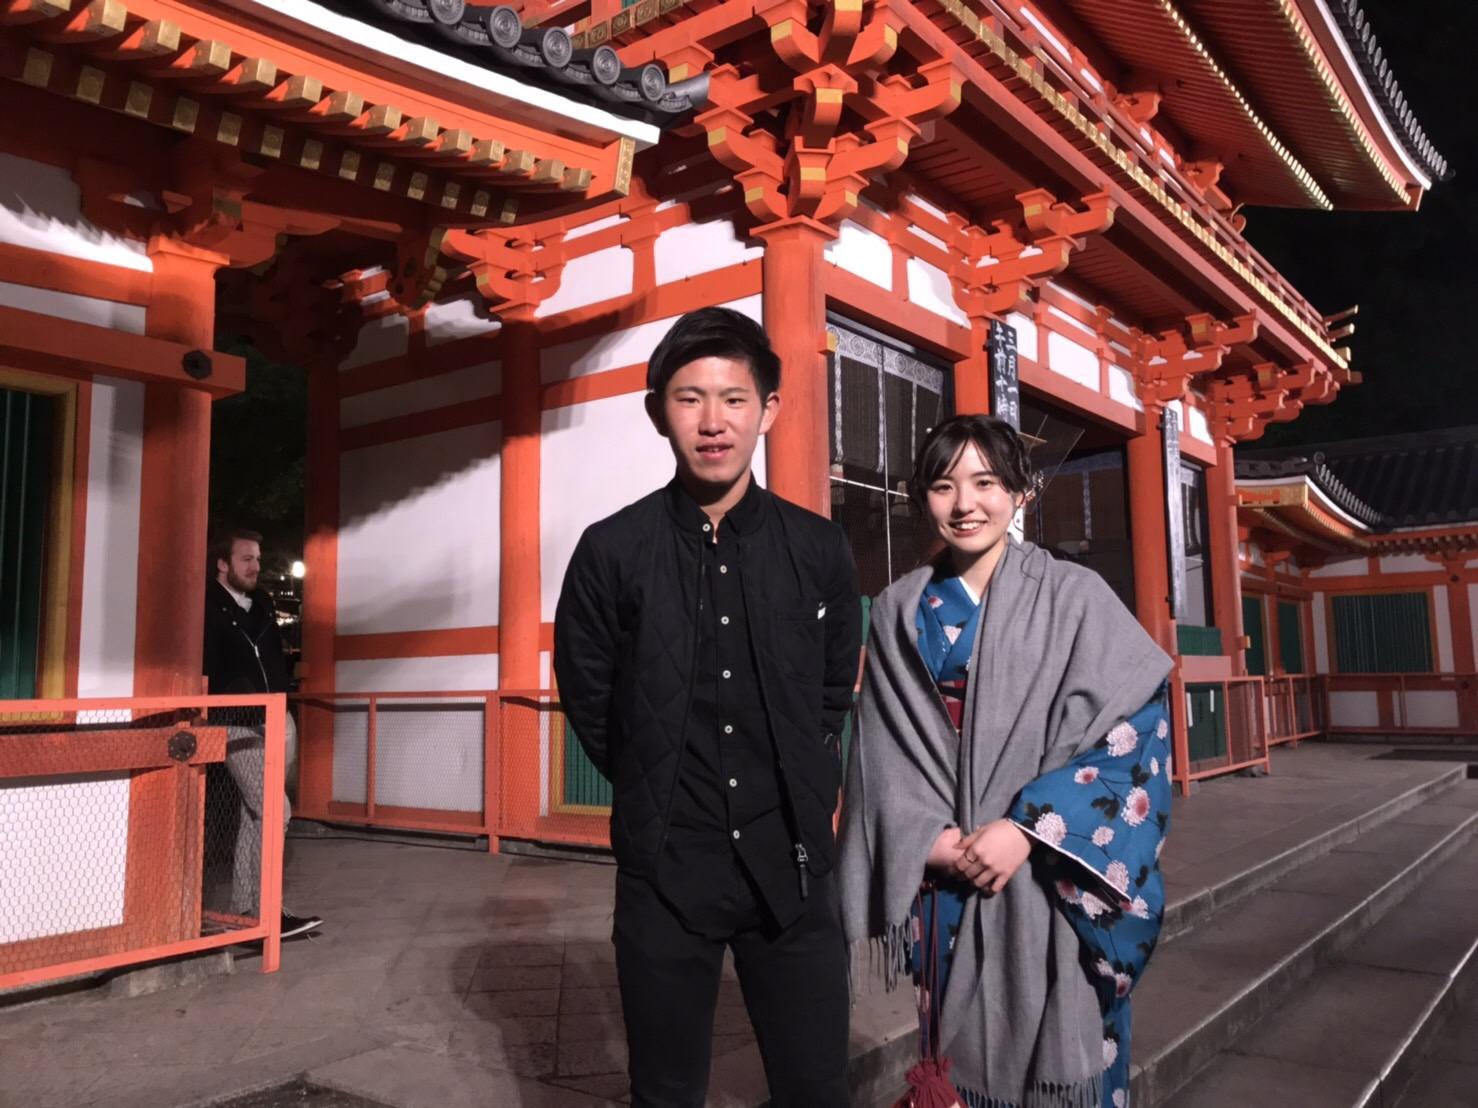 もうすぐ春の京都の夜を楽しんで頂きましたぁ♪2019年2月23日12